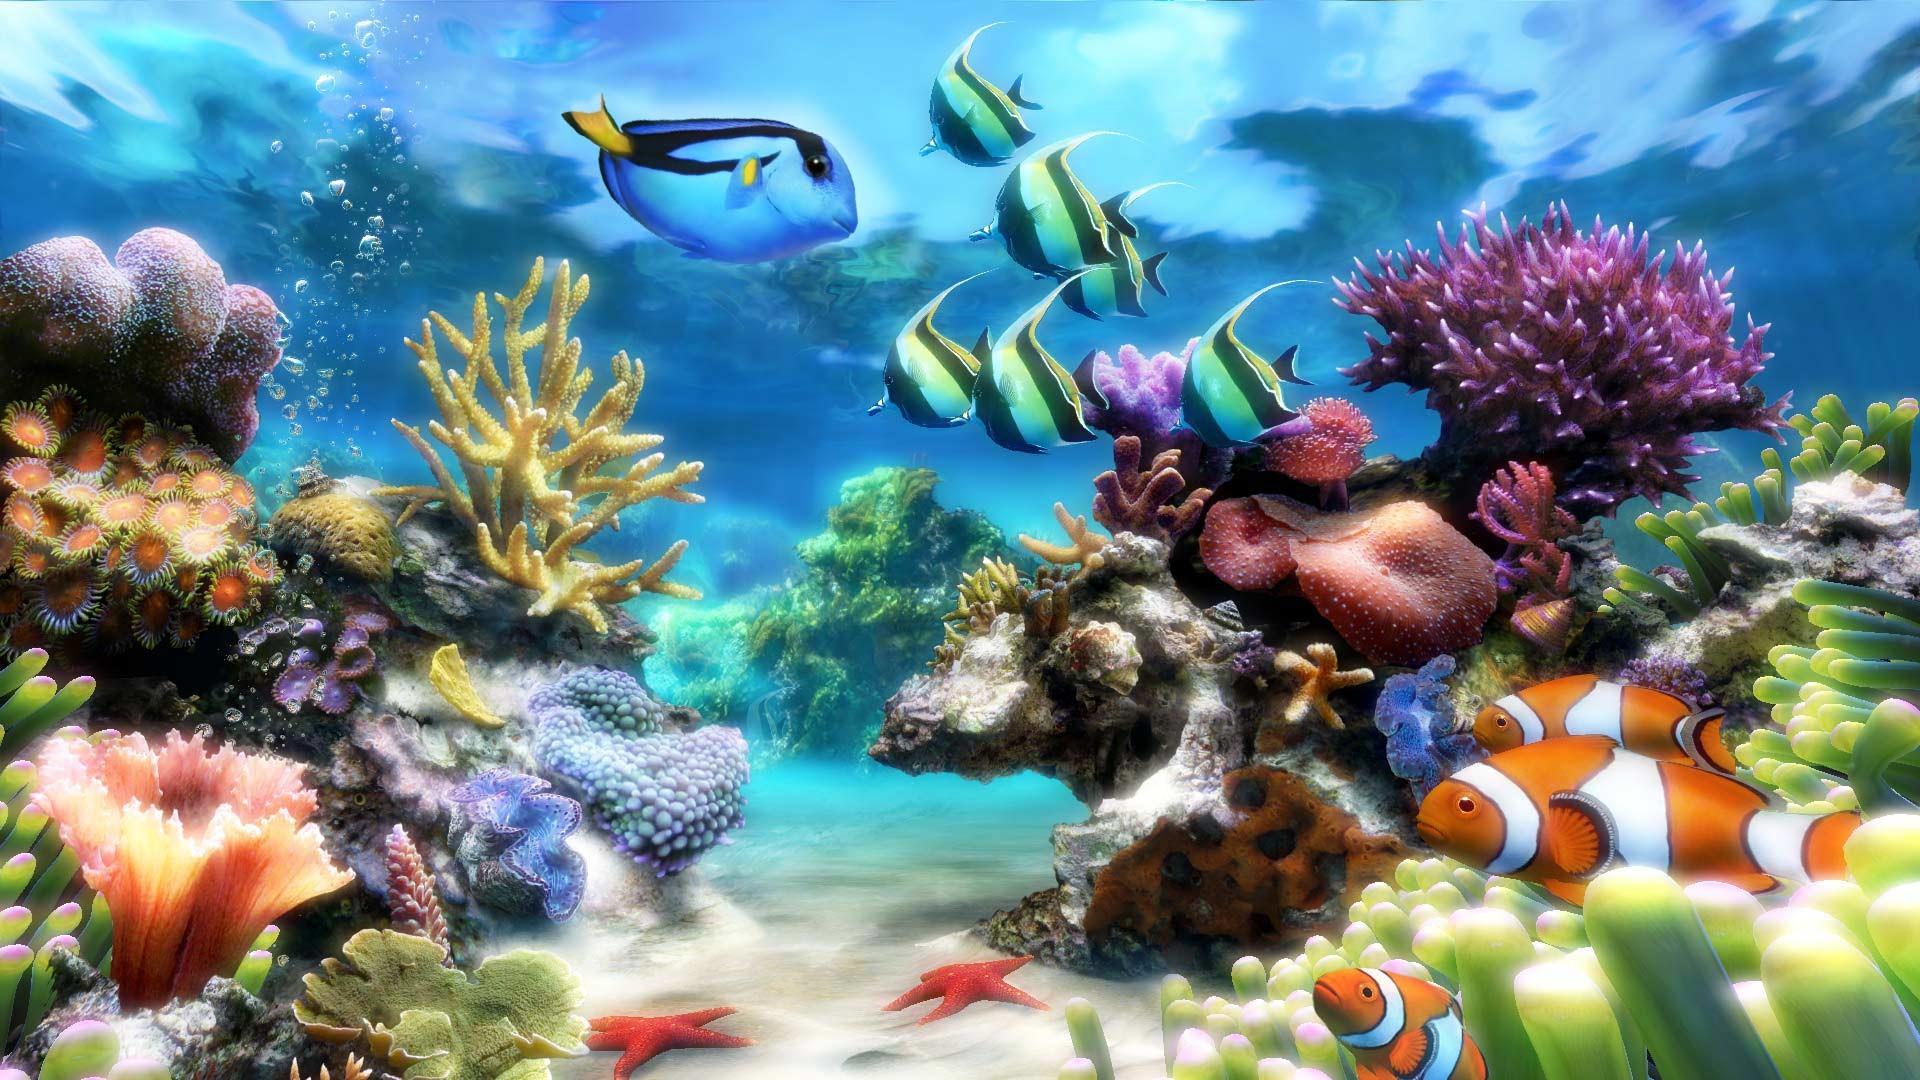 Animated Aquarium Wallpaper For Windows 8 Moving Aquarium Wallpaper 49 Images